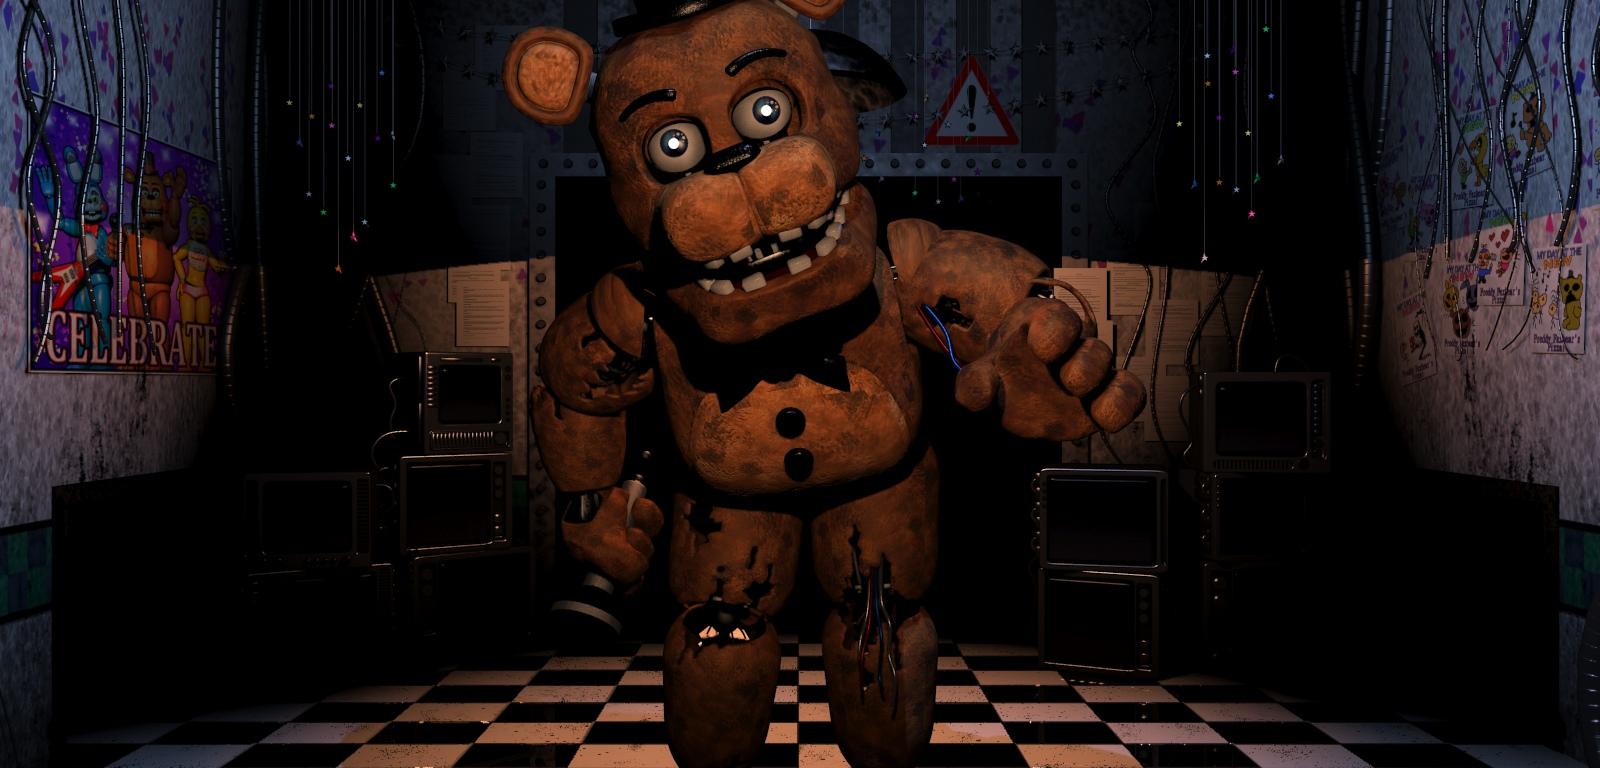 Scott Games confirma que Five Nights at Freddy's 3 está en desarrollo